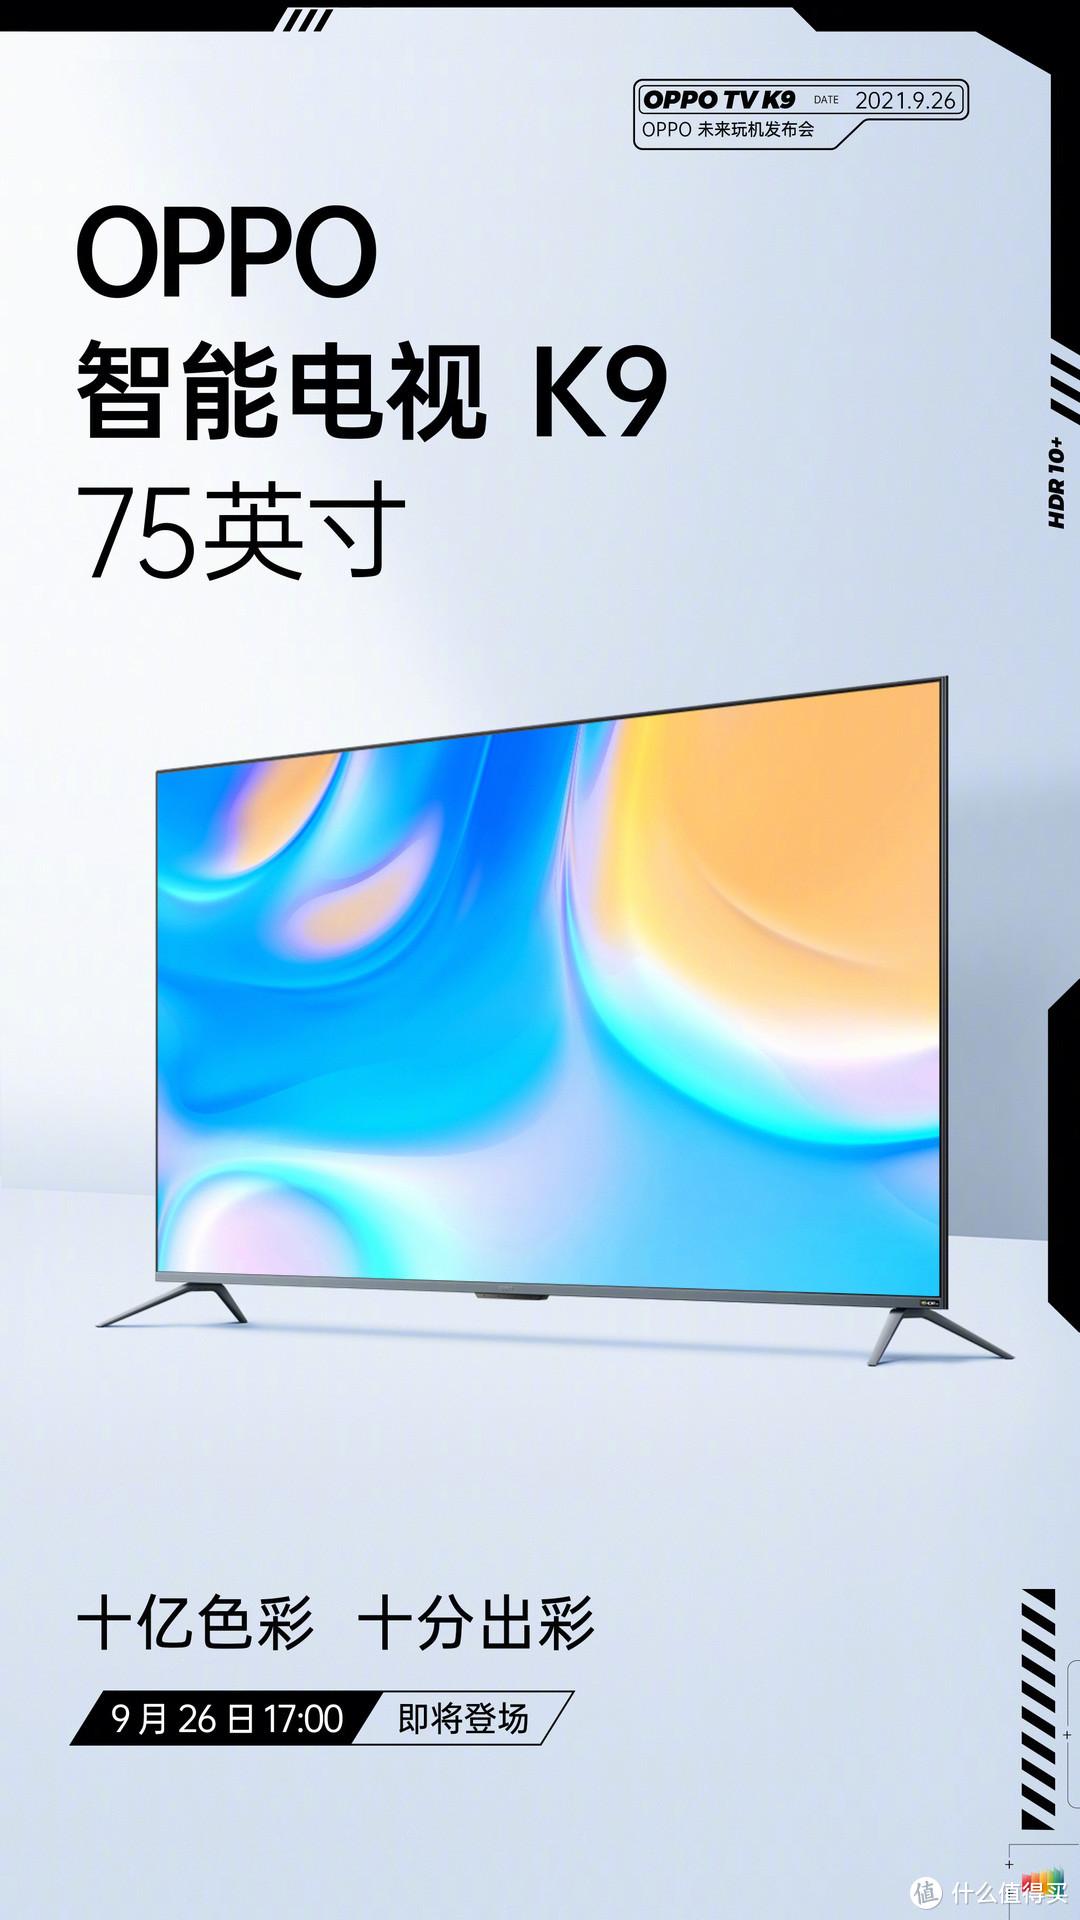 首款超大屏智能电视!OPPO智能电视K9 75英寸正式官宣